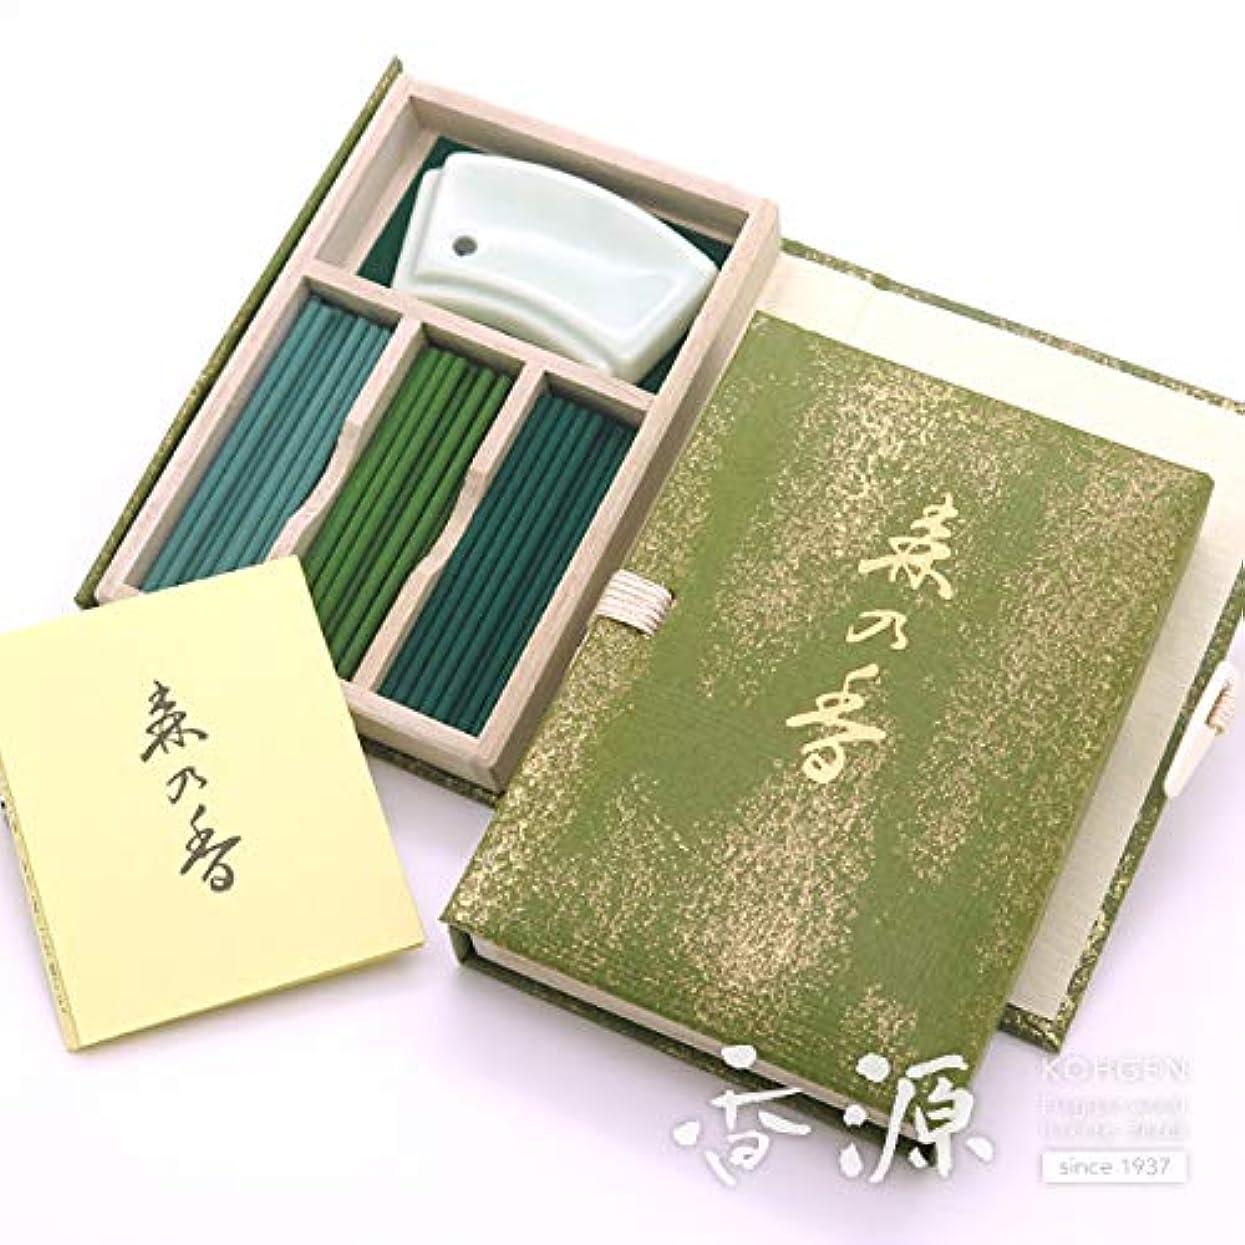 ジョリー青意味する日本香堂のお香 森の香 スティックミニ寸文庫型 60本入り